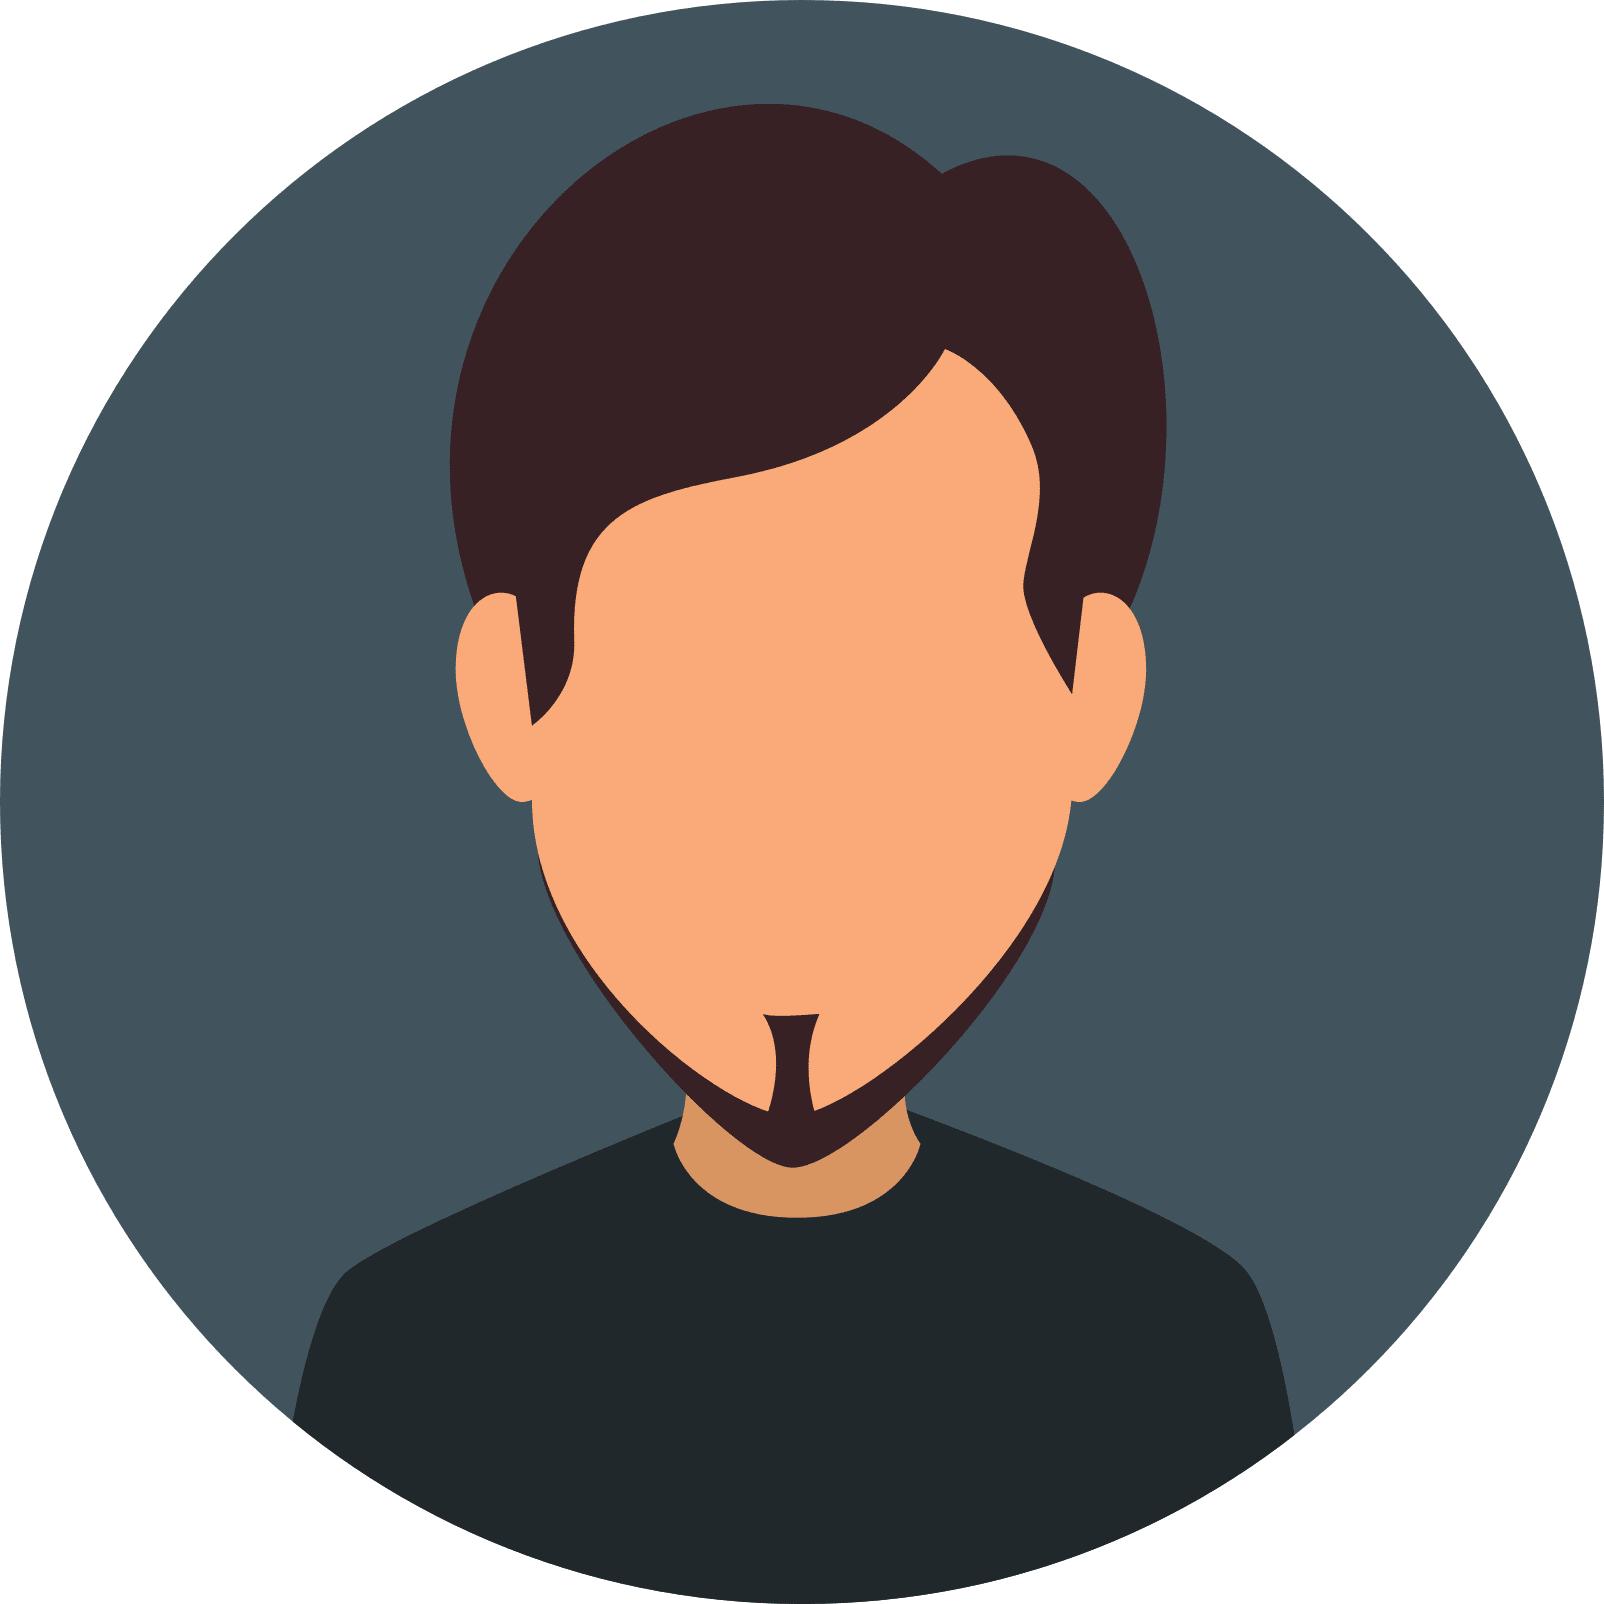 pictogramme d'un homme avec une barbe